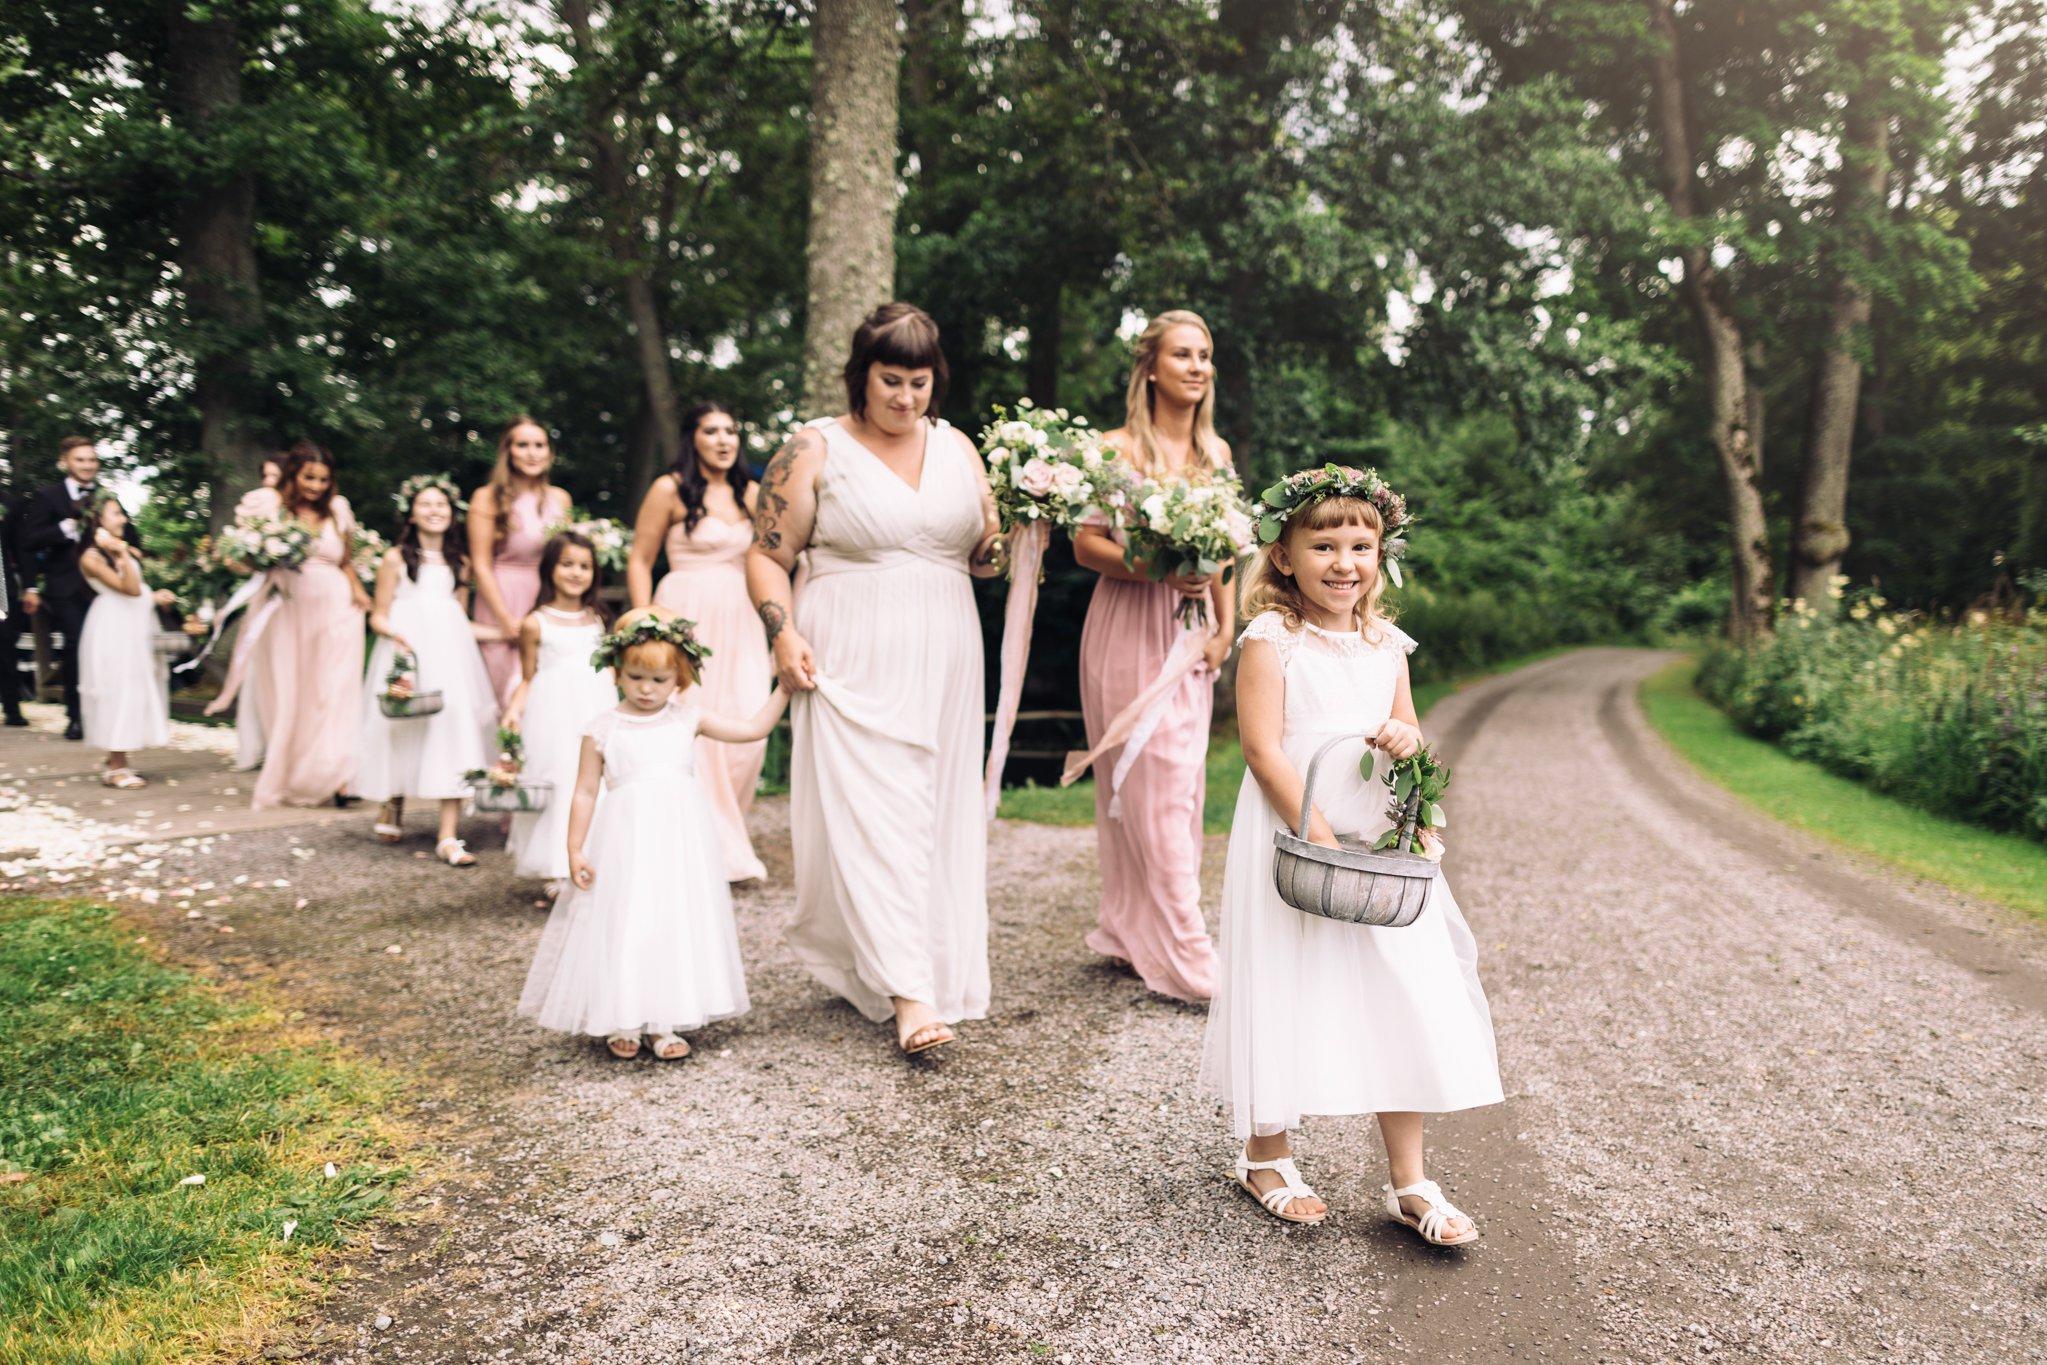 Kenza-Aleks-Wedding-Photo-by-Fabian-Wester-11